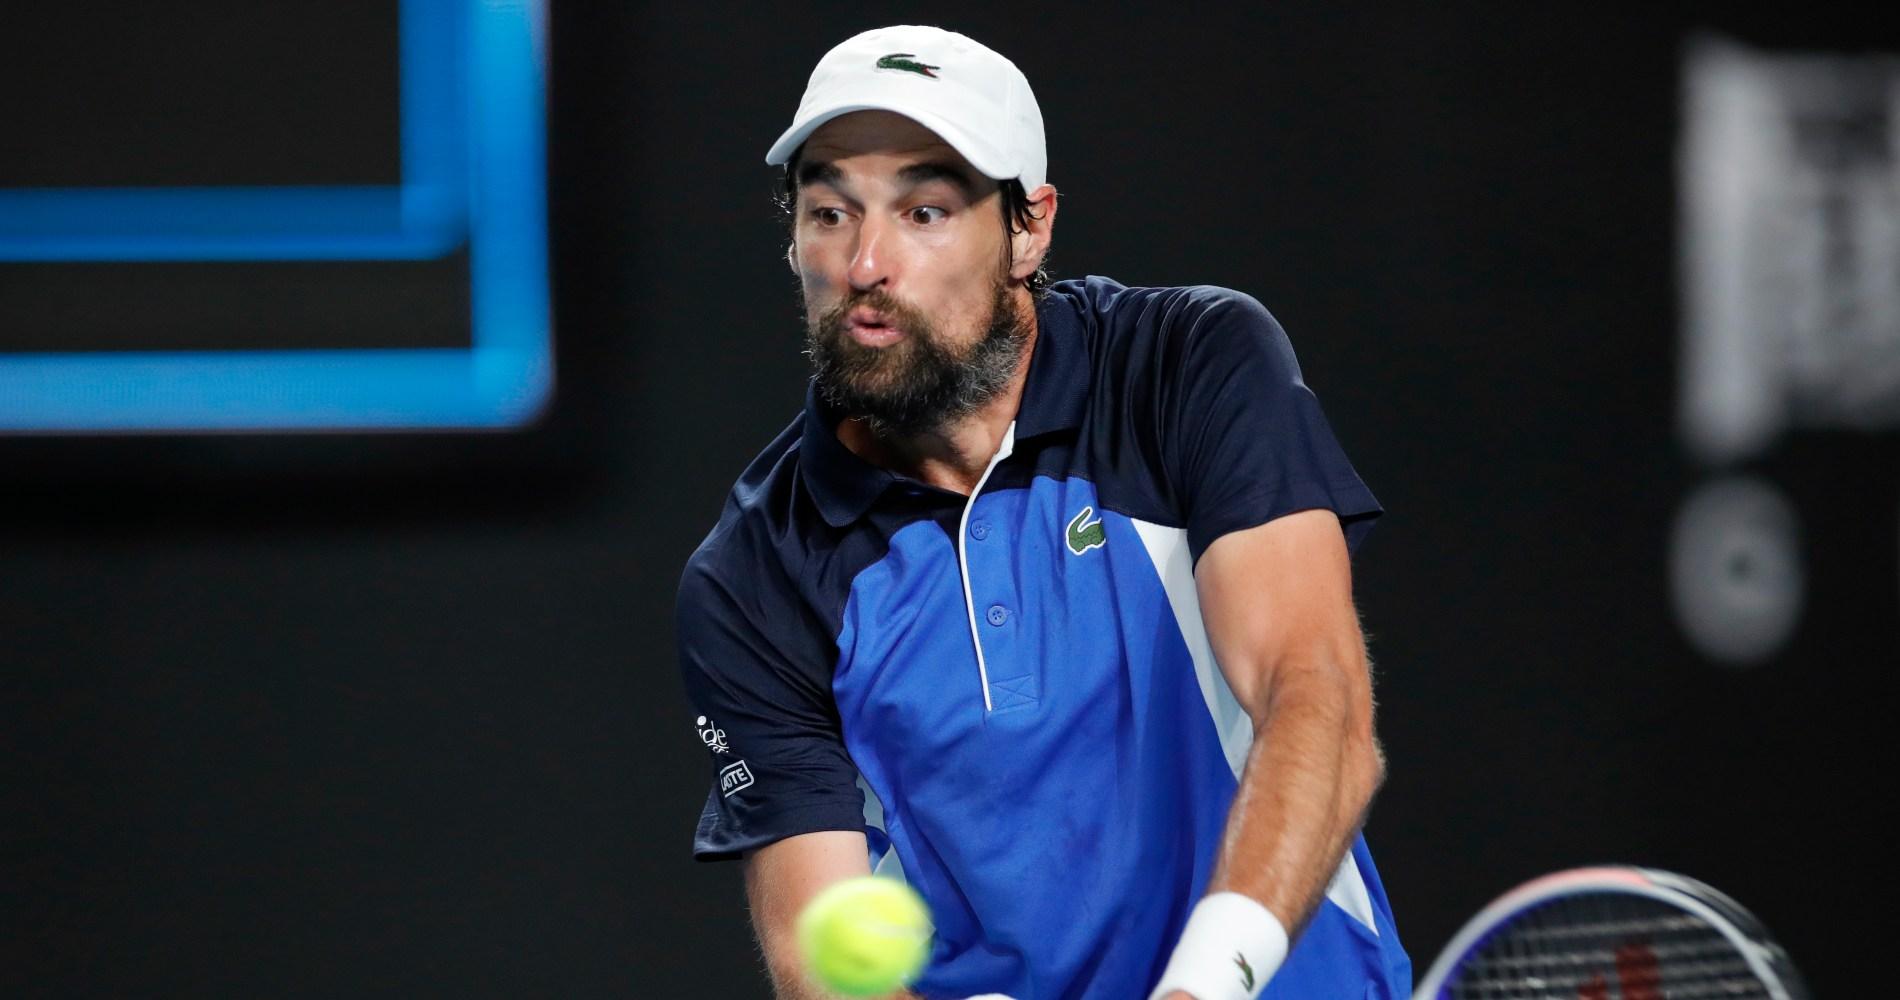 Jérémy Chardy, Australian Open 2020